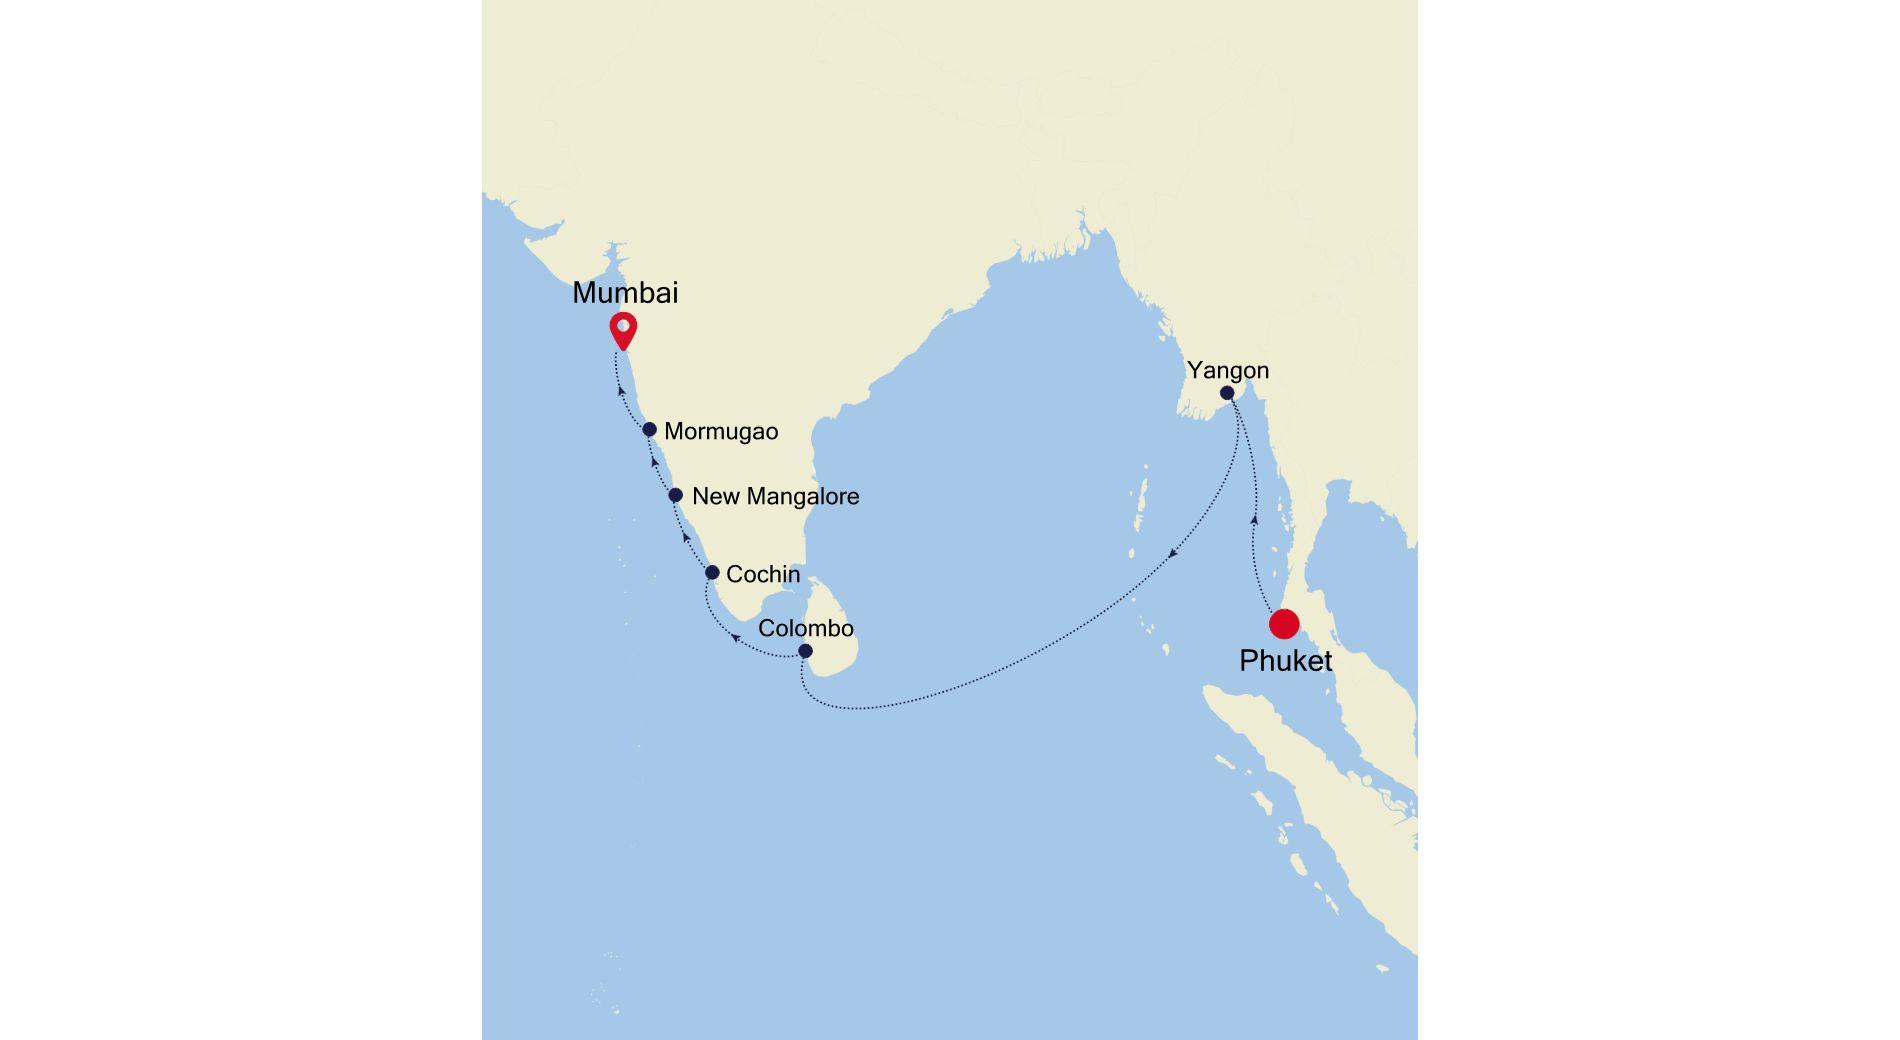 MO220217S15 - Phuket to Mumbai